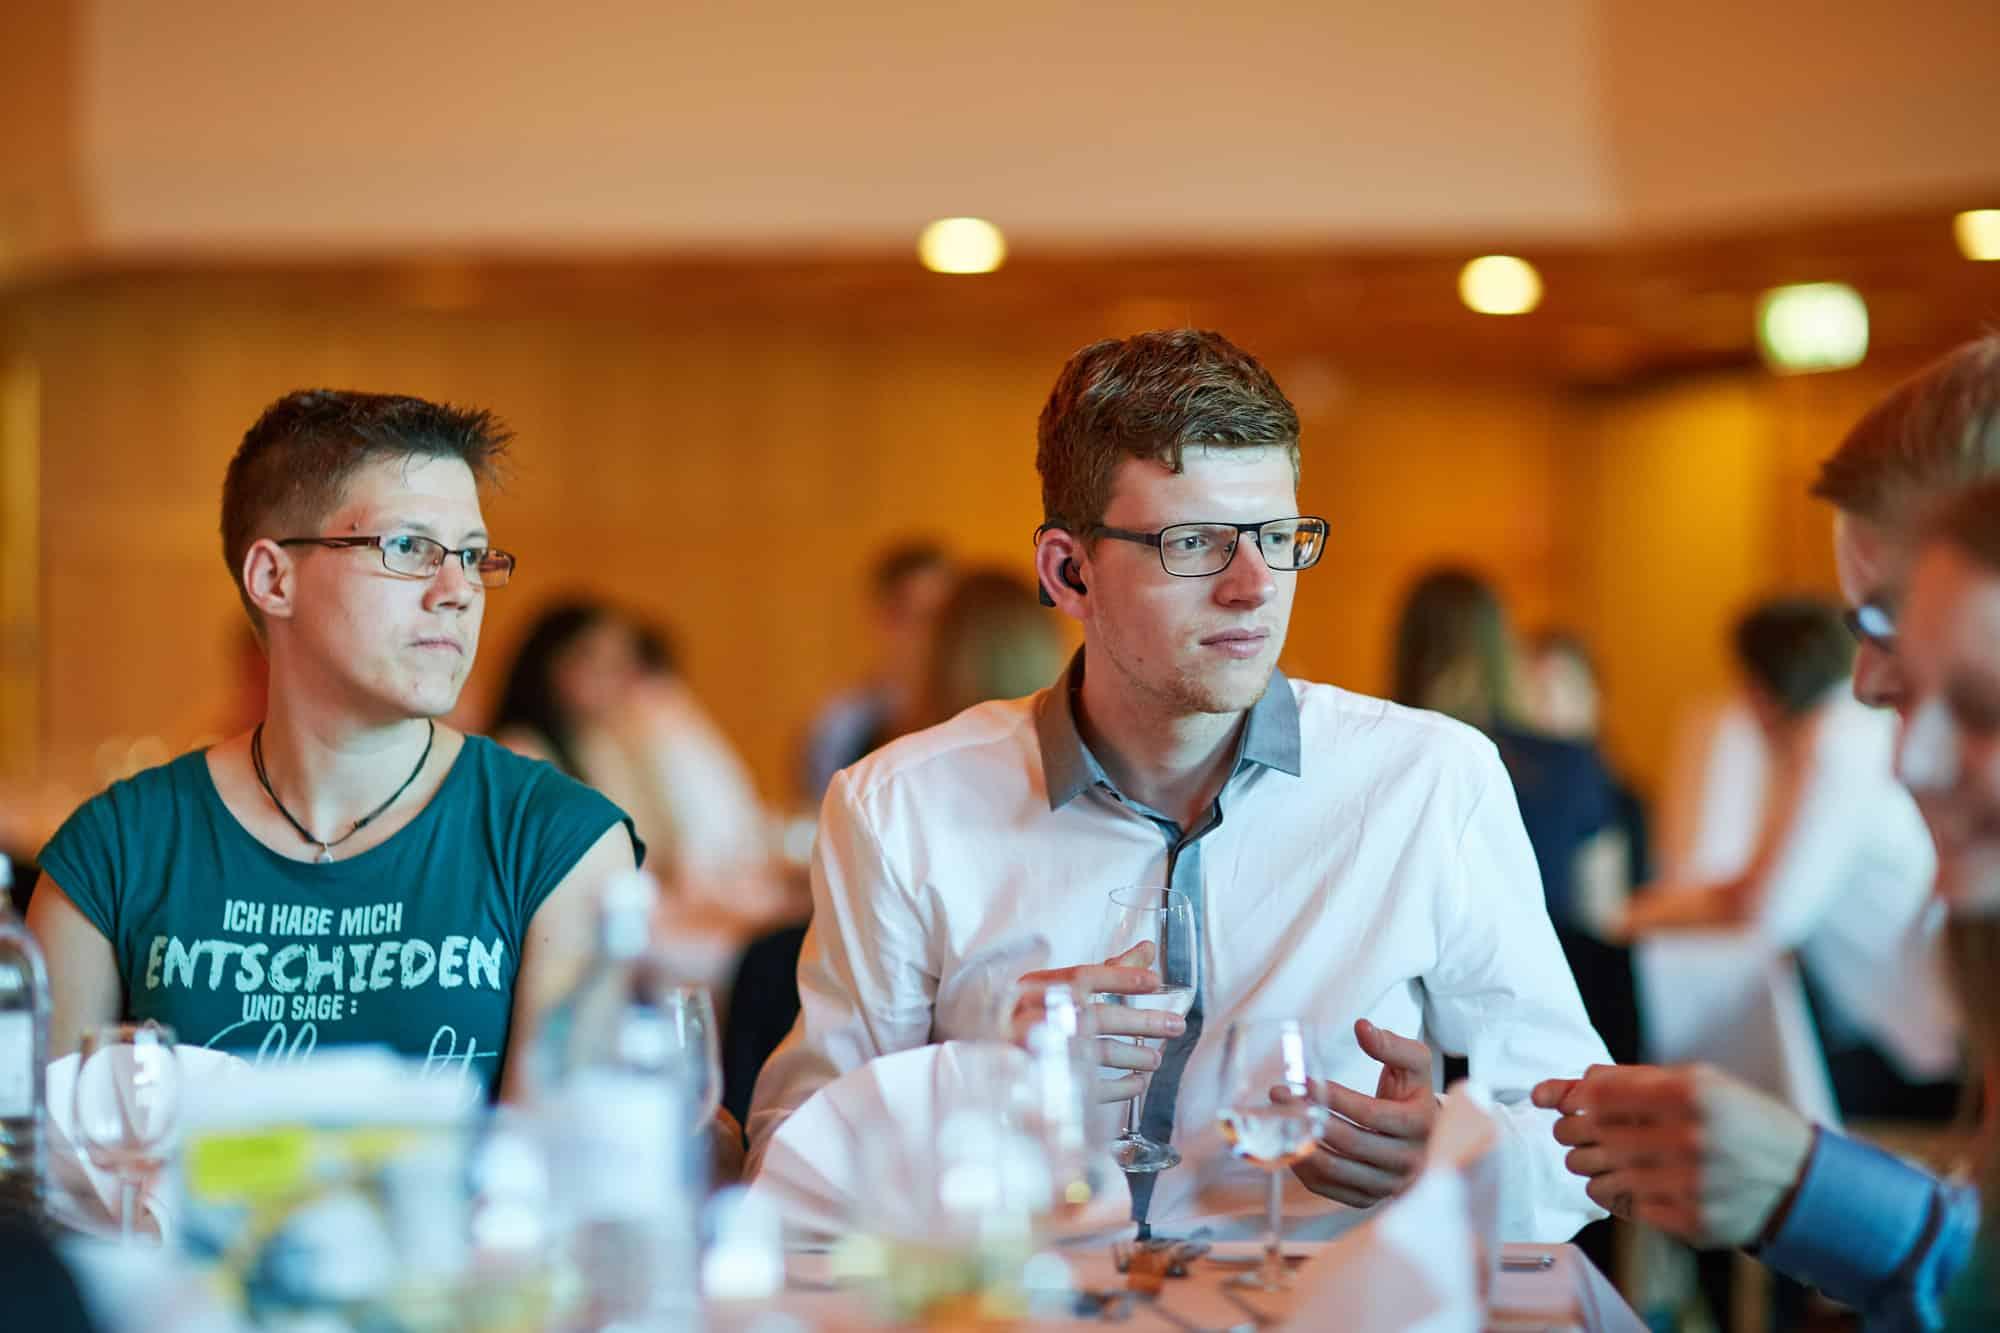 Impression von der Preisverleihung beim 11. TANNER-Hochschulwettbewerb